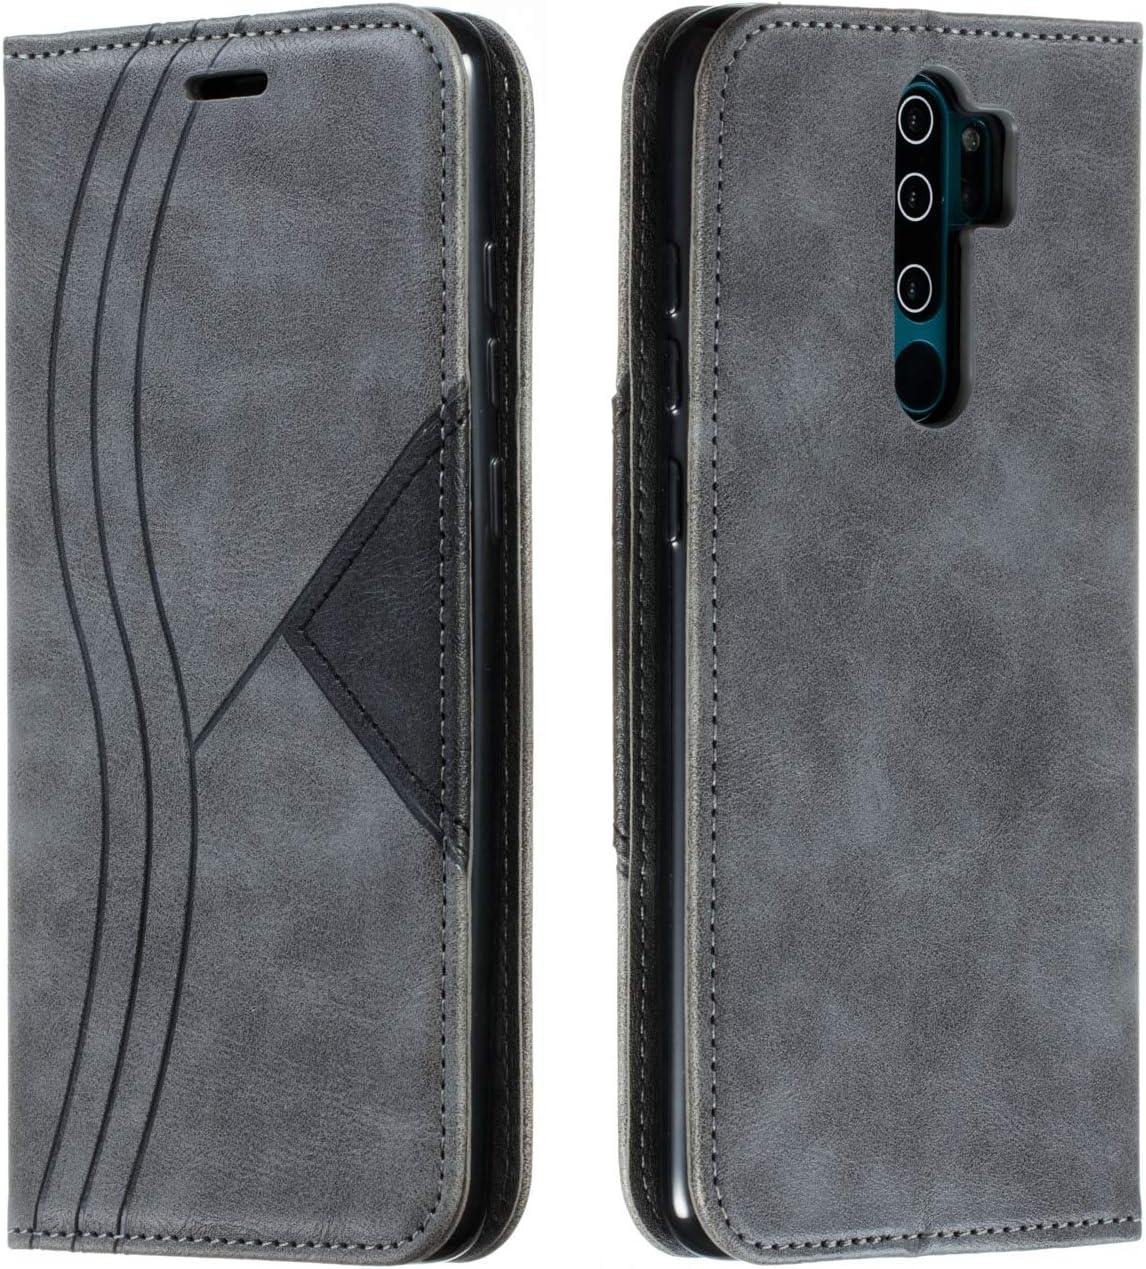 HUDDU H/ülle Kompatibel mit Xiaomi Redmi Note 8 Pro Handyh/ülle Leder Flip Premium PU Schutzh/ülle Kartenfach Flip Tasche Soft St/änder Brieftasche Lederh/ülle Klapph/ülle Bumper Cover Sto/ßfest Grau